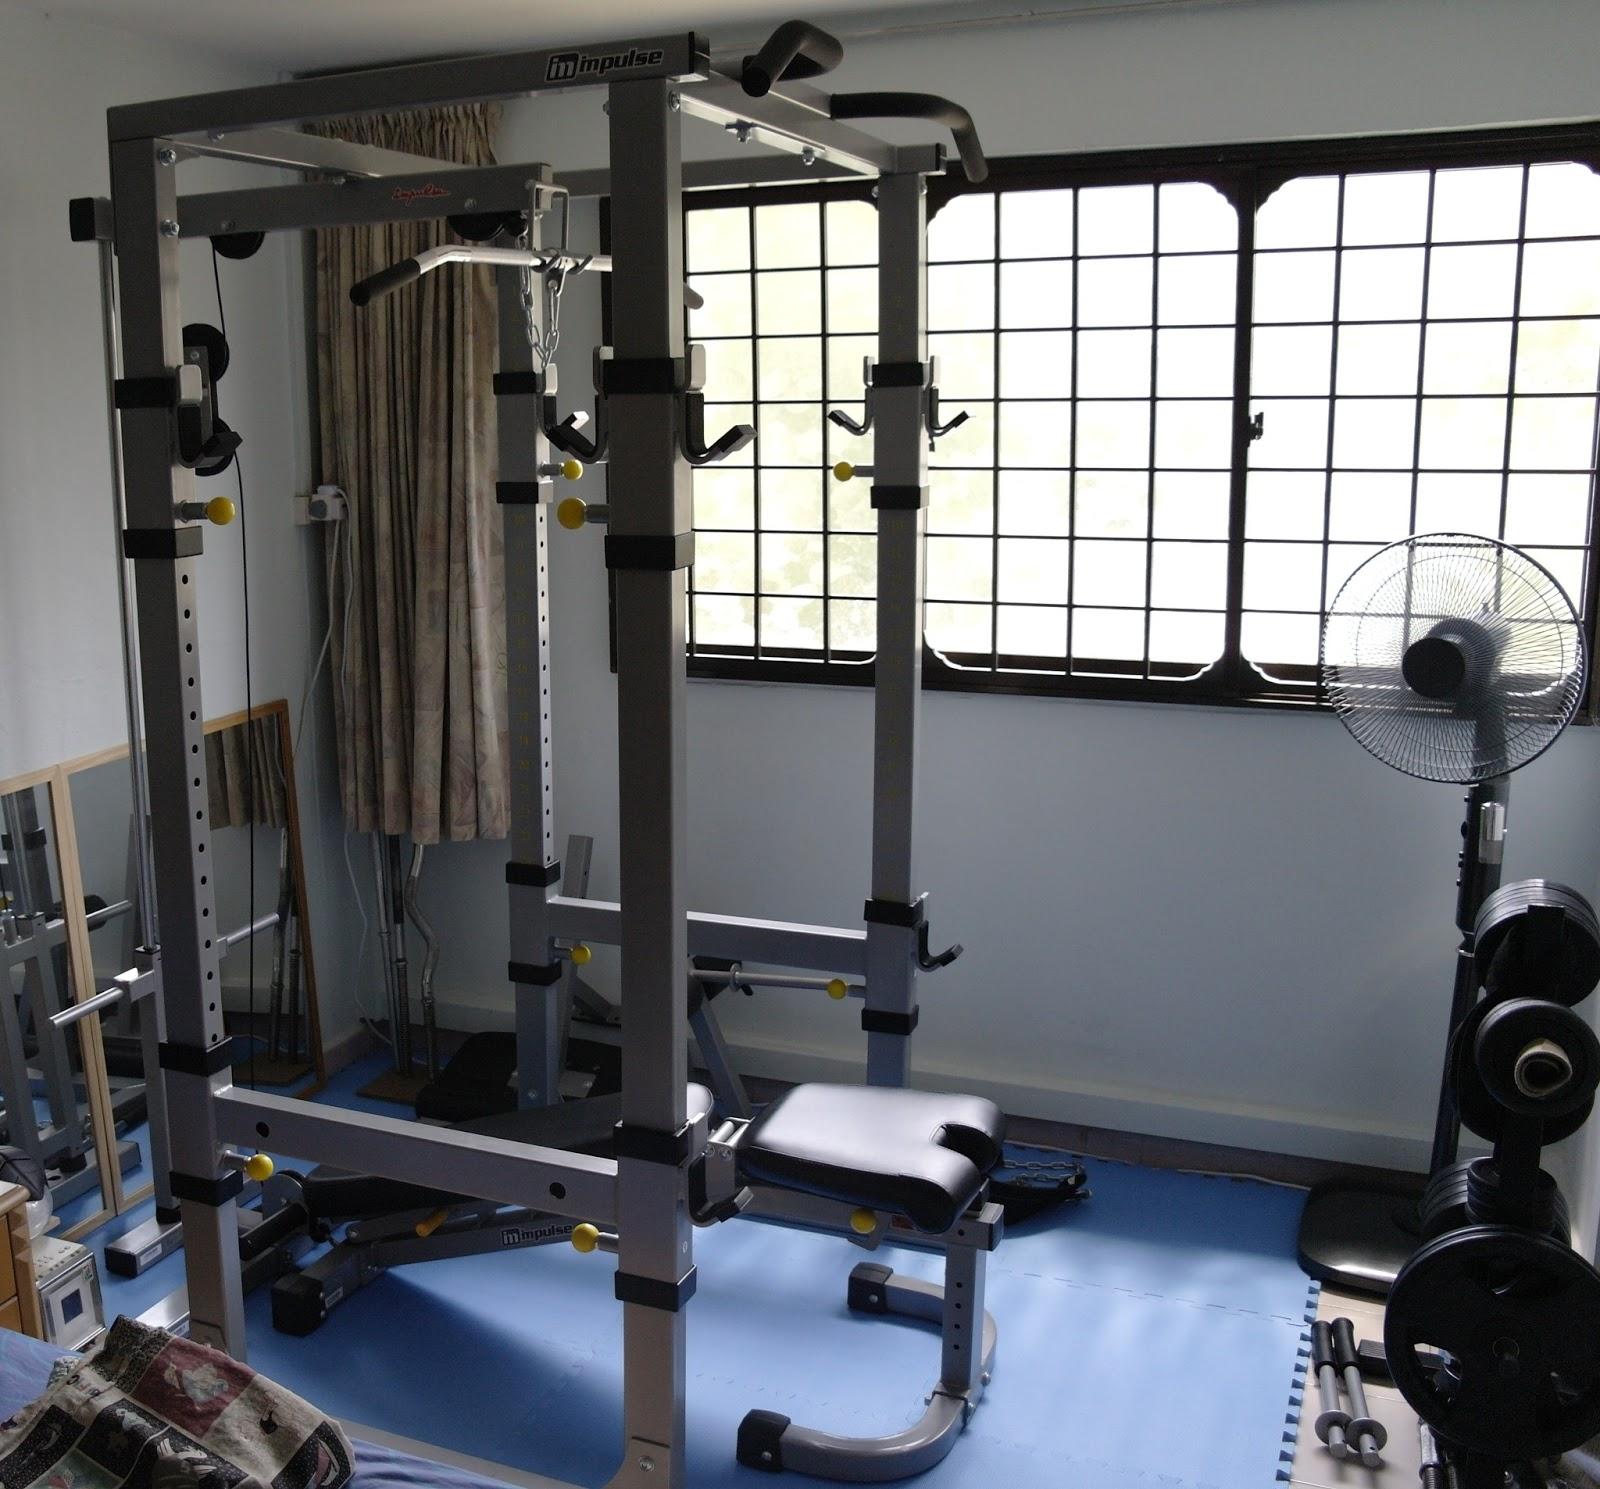 Singapore home gym singapore home gym undergoes renovation part